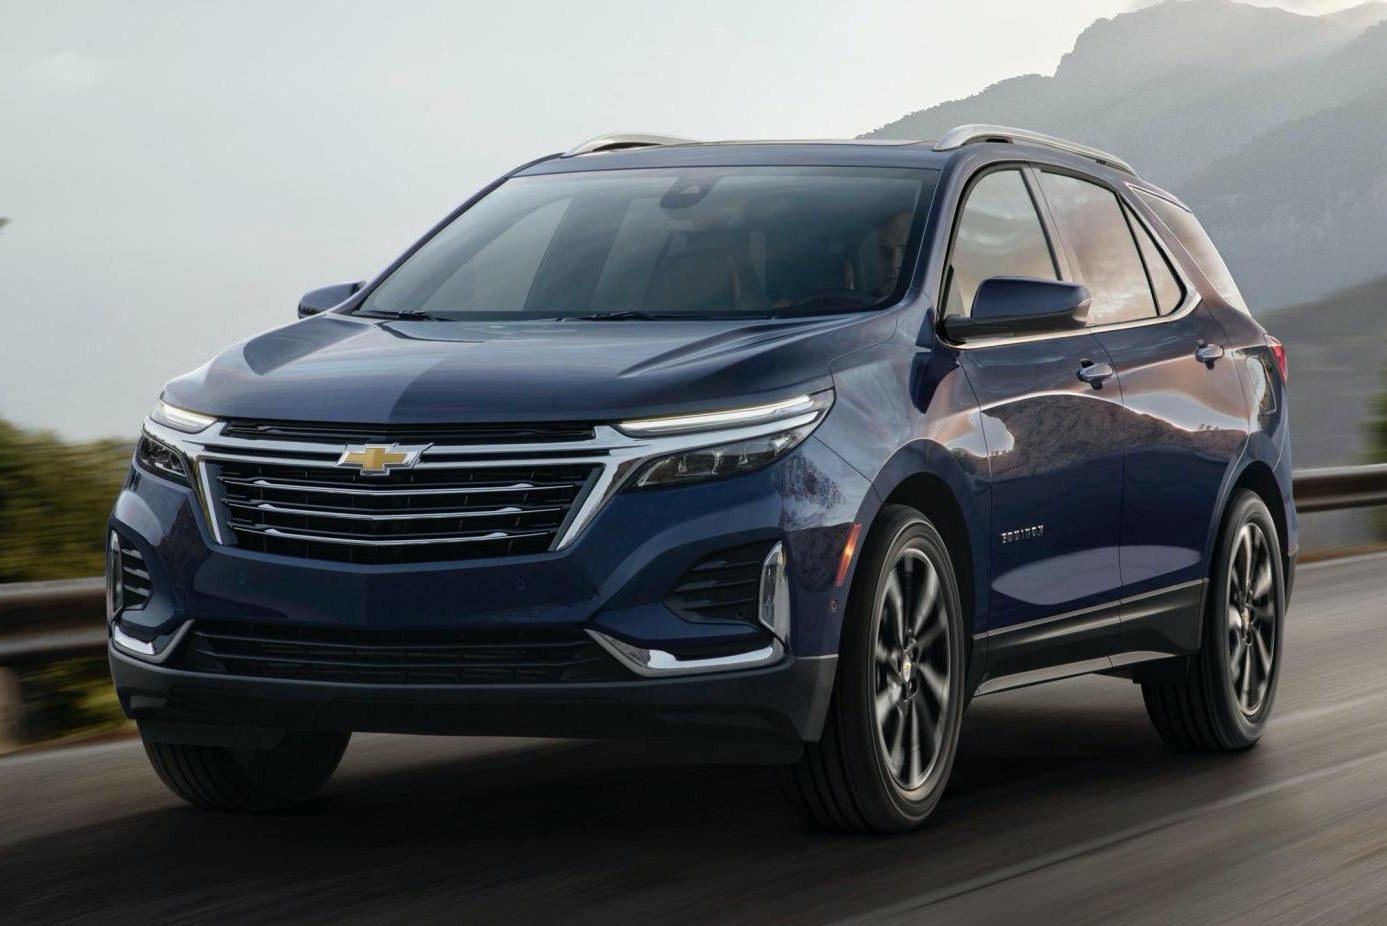 Novo Chevrolet Equinox Ganha Farois Divididos E Versao Esportivada